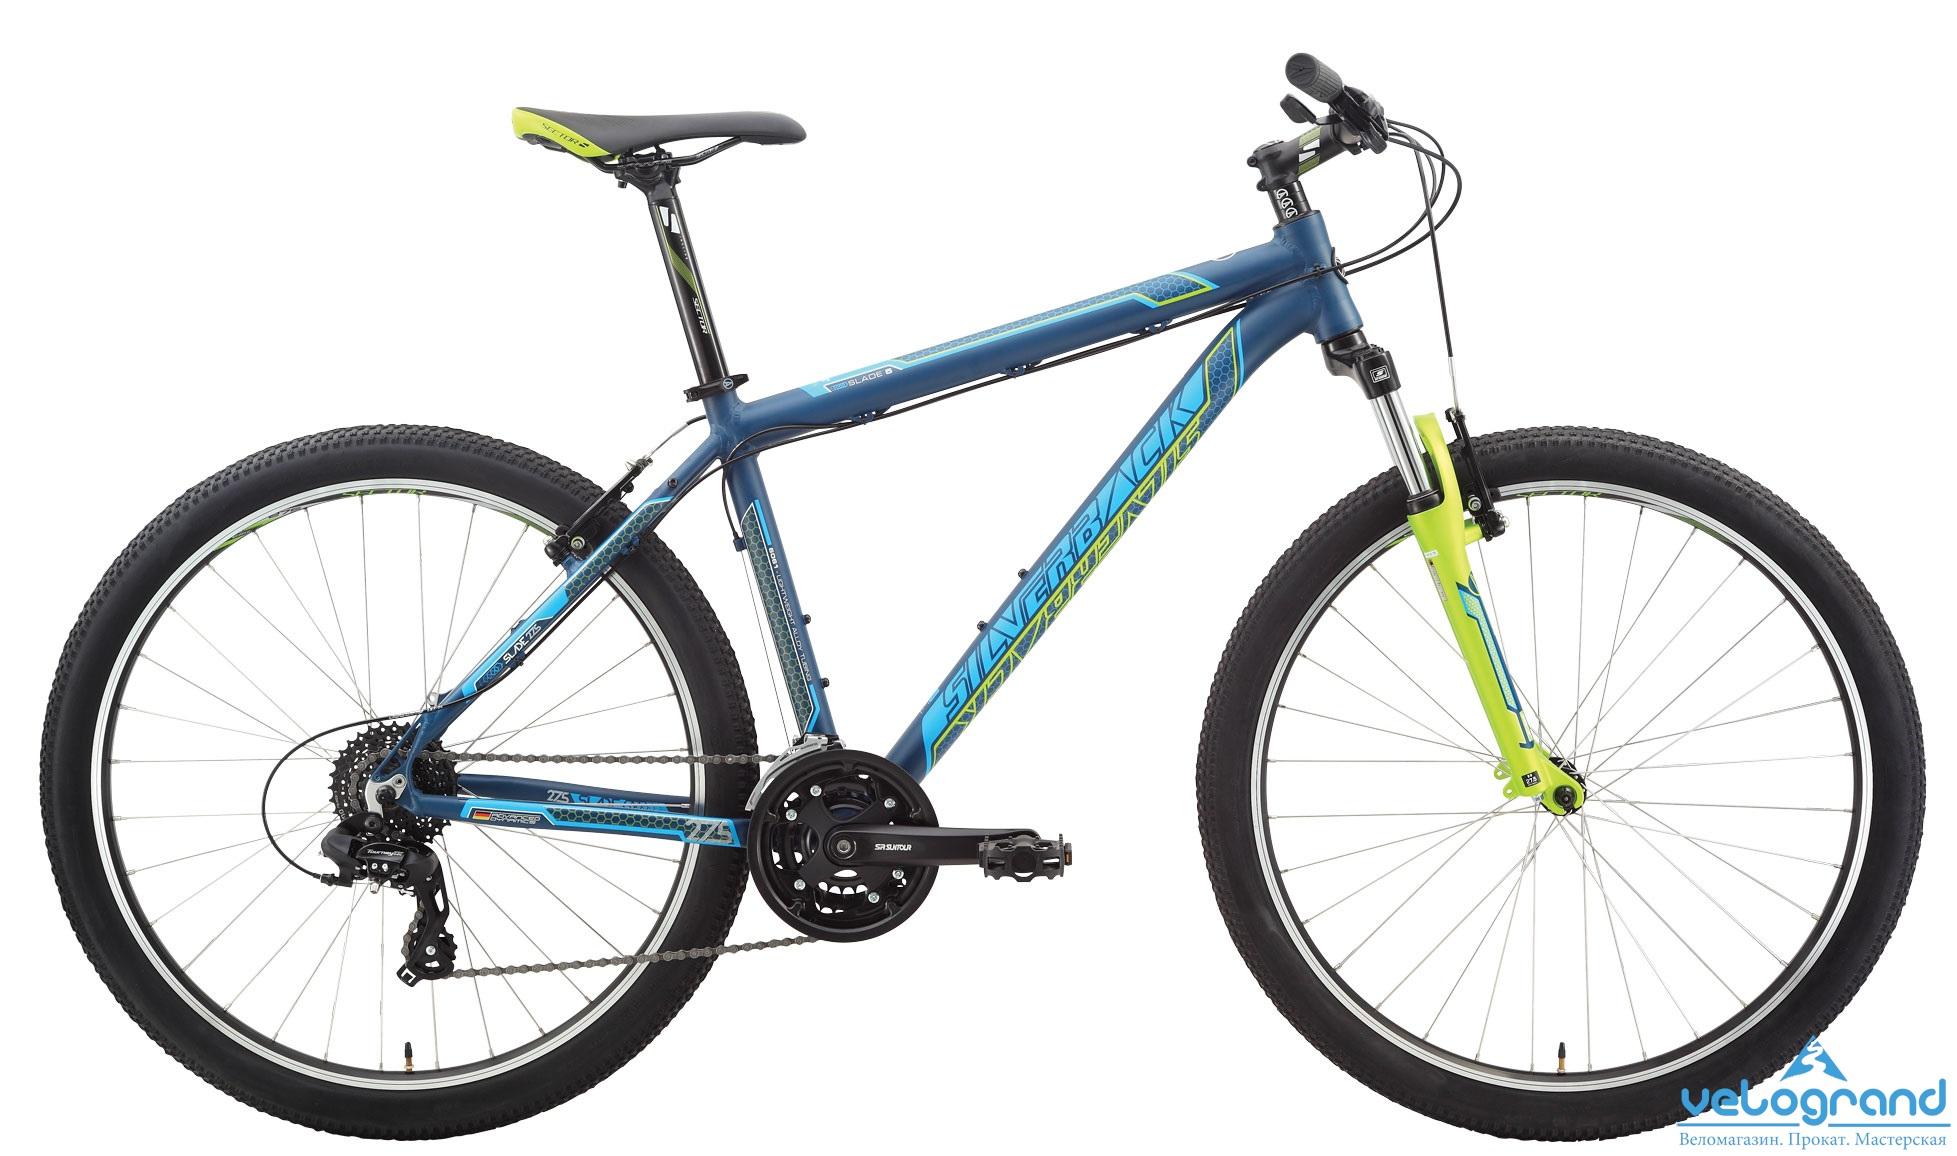 Горный велосипед Silverback Slade 5 (2015), Цвет Сине-Зеленый, Размер 16